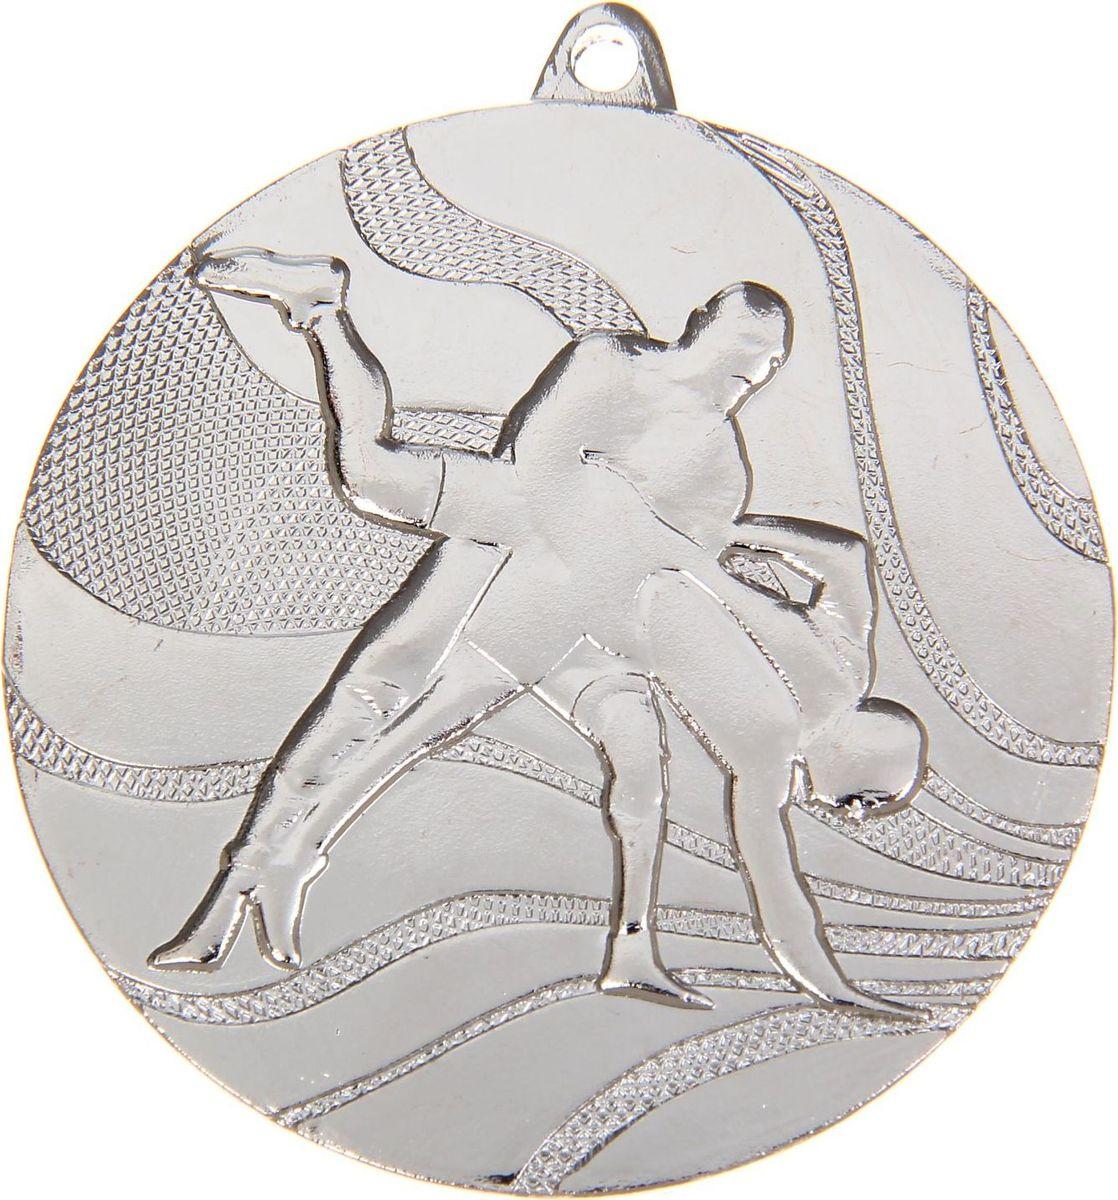 Медаль сувенирная Вольная борьба, цвет: серебристый, диаметр 5 см. 0401108671Заслуженный приз! Долгие изнурительные тренировки, напряжение перед соревнованием… Наконец ты вышел и показал всё, на что способен. И вот она — победа! — награда для настоящего чемпиона. Пусть каждый видит, кому именно сегодня покорился пьедестал. Блестящая награда на груди станет лучшим ответом скептикам и всегда будет напоминать, что упорный труд непременно вознаграждается. Наступит завтрашний день, и своё лидерство нужно будет доказывать заново. Ну а пока победитель сможет наслаждаться триумфом, глядя на эту медаль.Характеристики: Диаметр медали: 5 см Диаметр вкладыша (оборот): 4,5 см. Сверху расположено отверстие для крепления ленты.